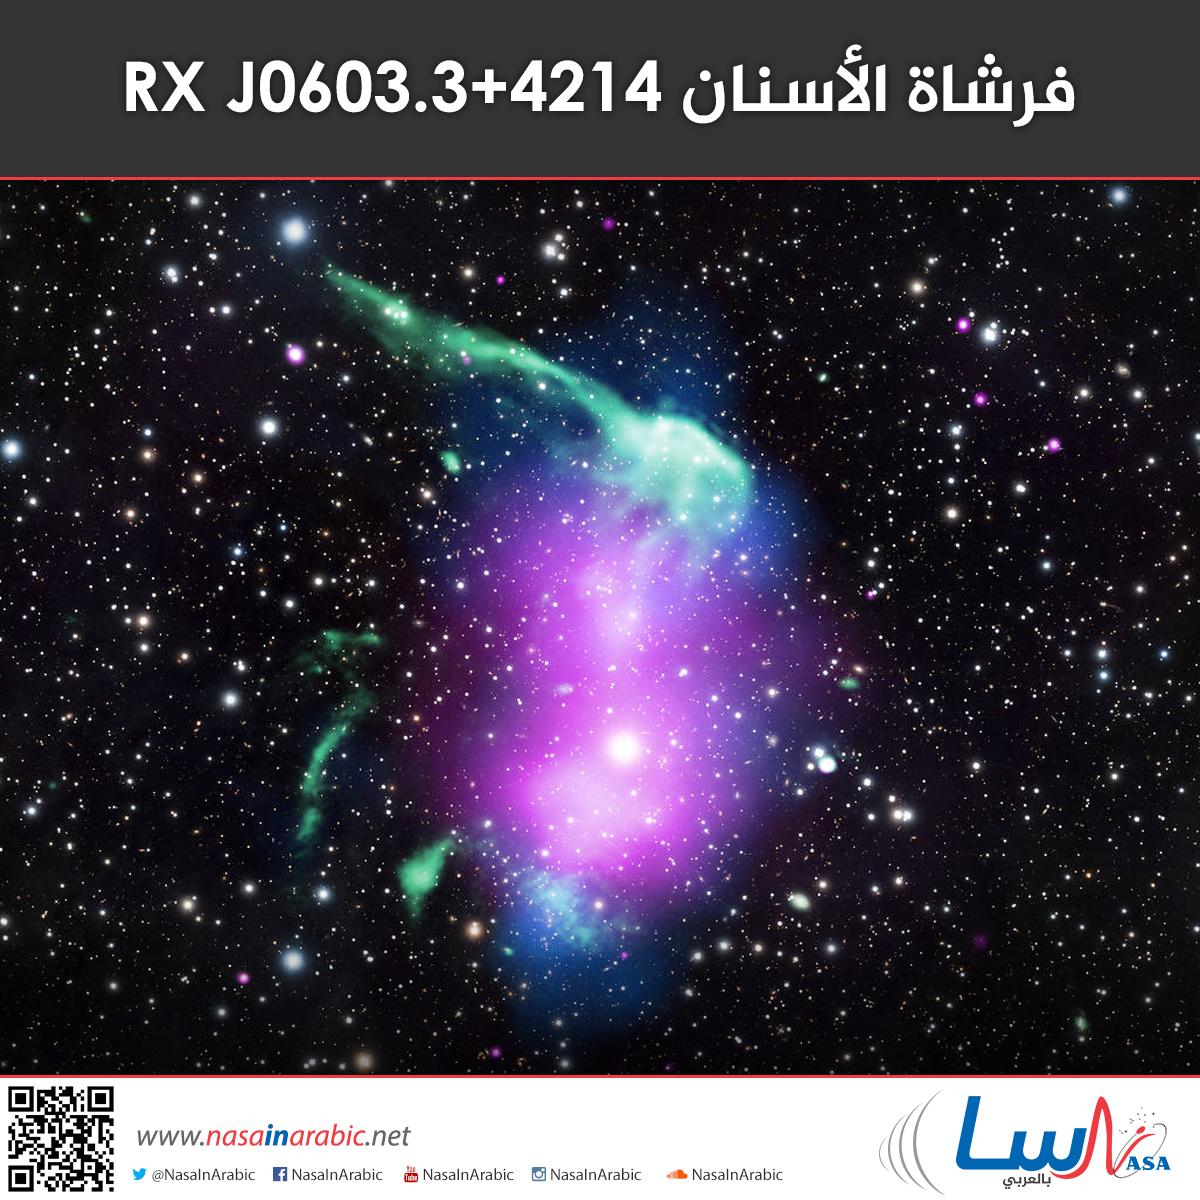 فرشاة الأسنان RX J0603.3+4214